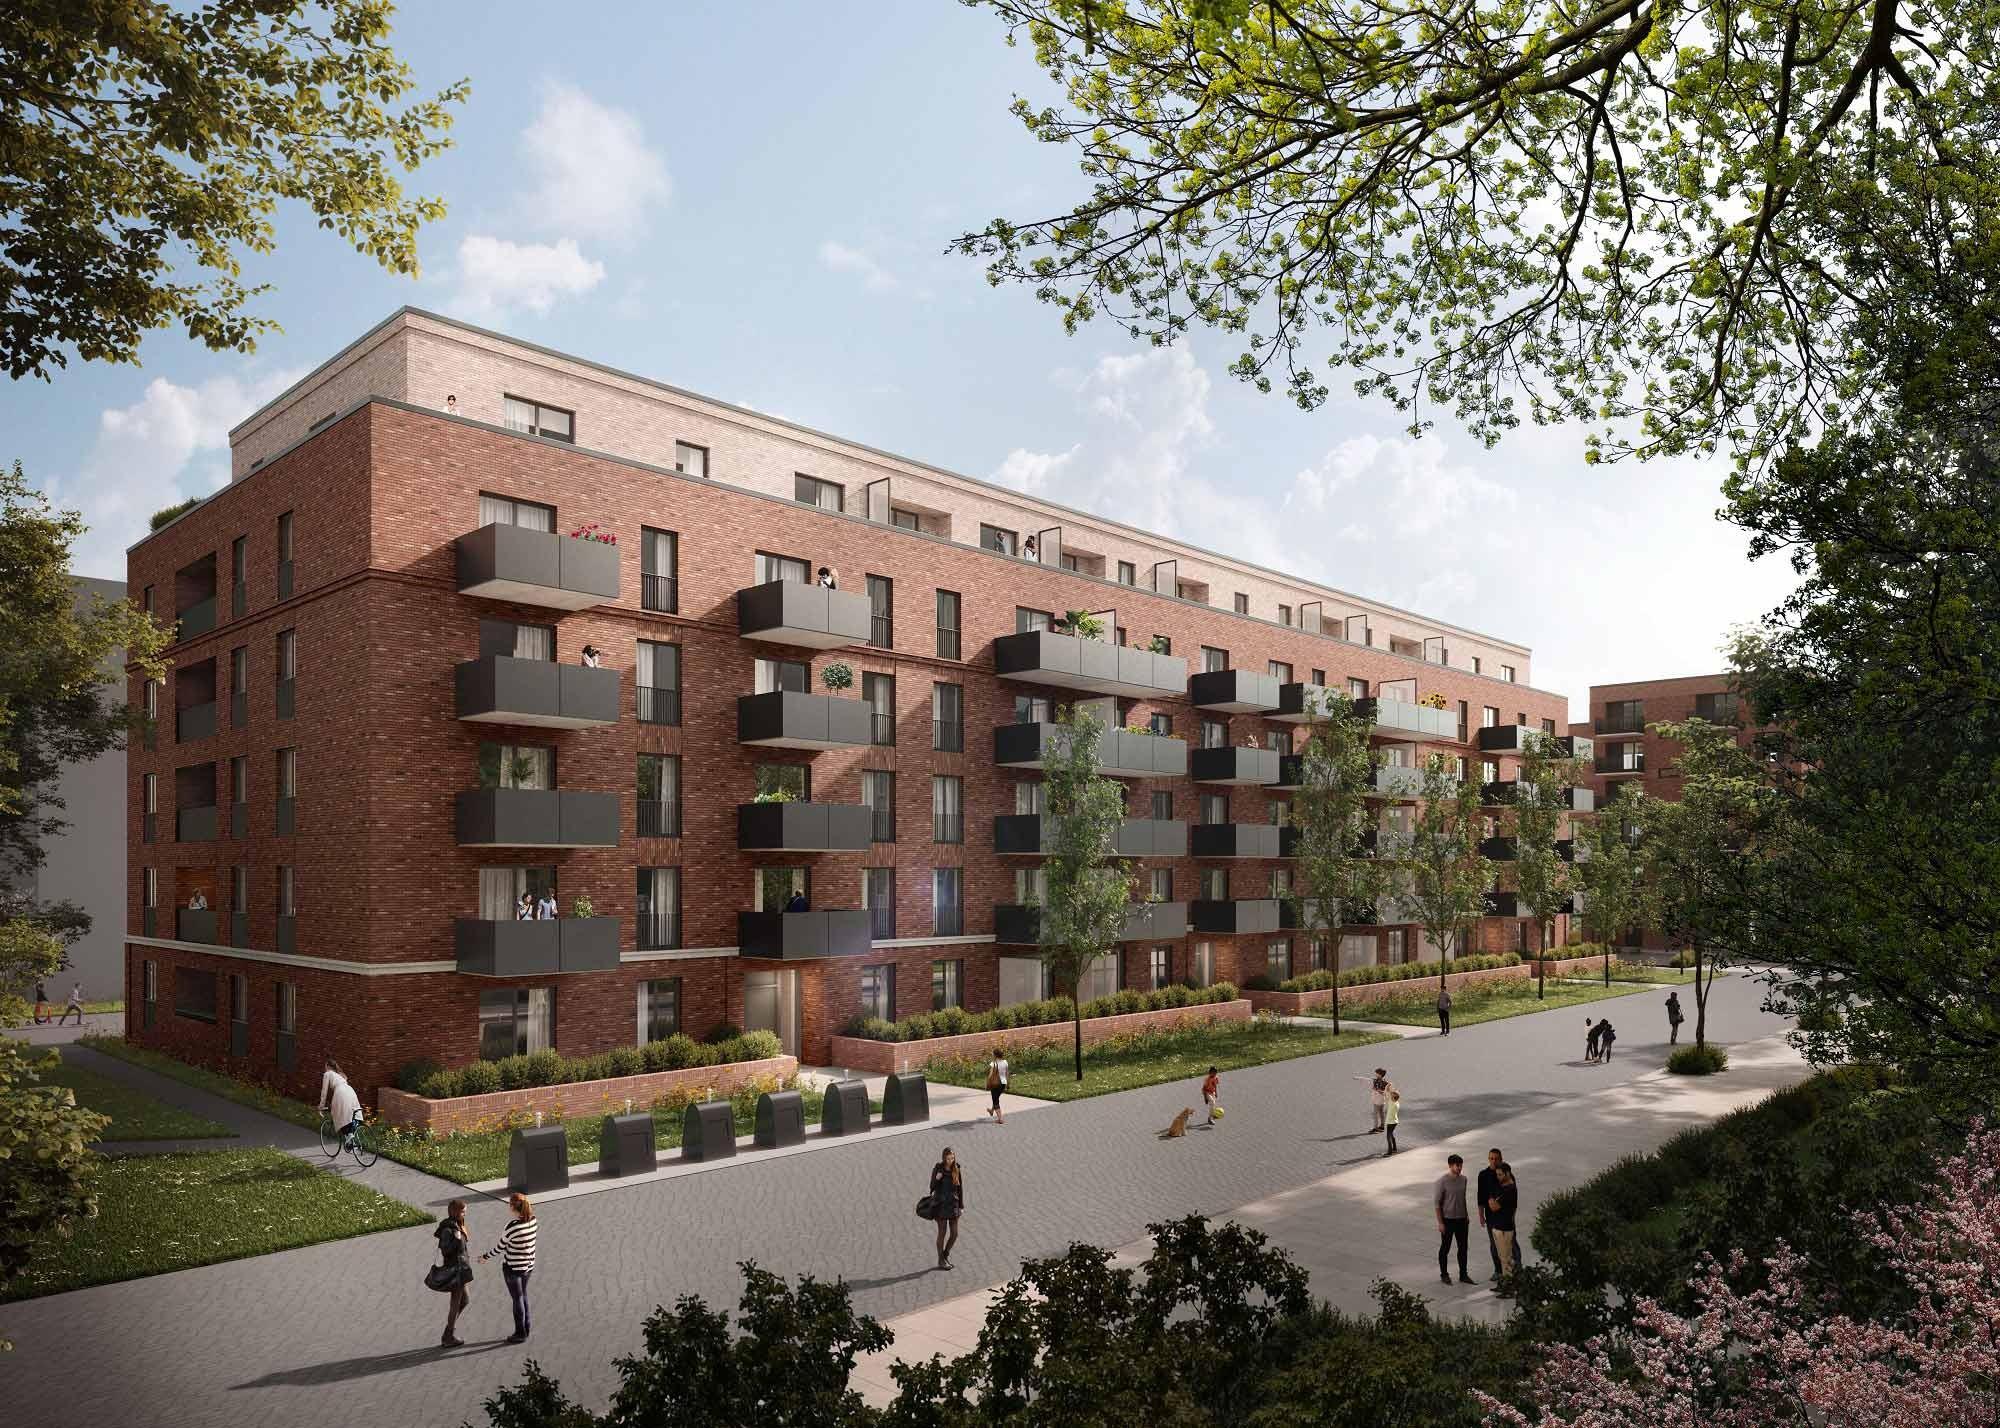 Visualisierung Wohnbauprojekt auf Turley-Areal in Mannheim